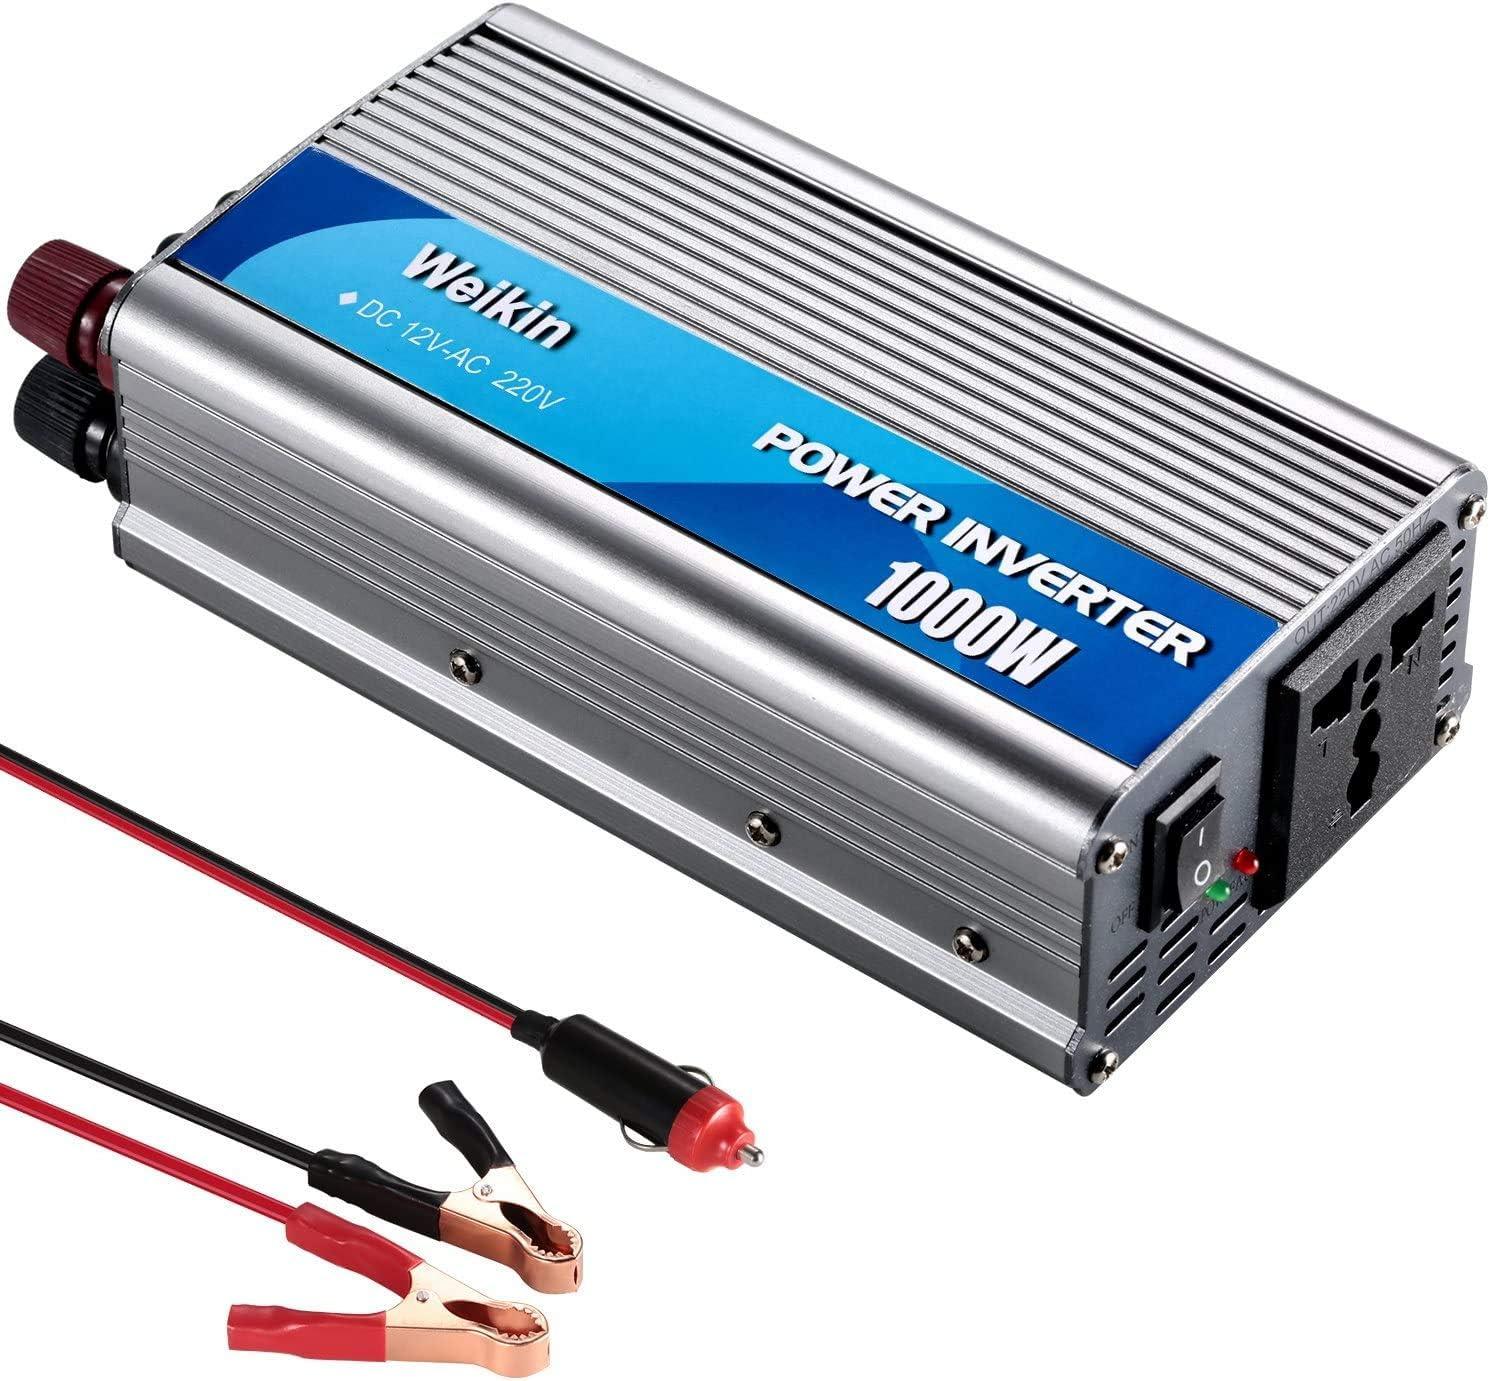 🇪🇸weikin Power Inverter 1000W inversor de energia DC 12V to AC 220V 230V 240V convertidor de Poder Utilizar Tanto en Coche como en casa